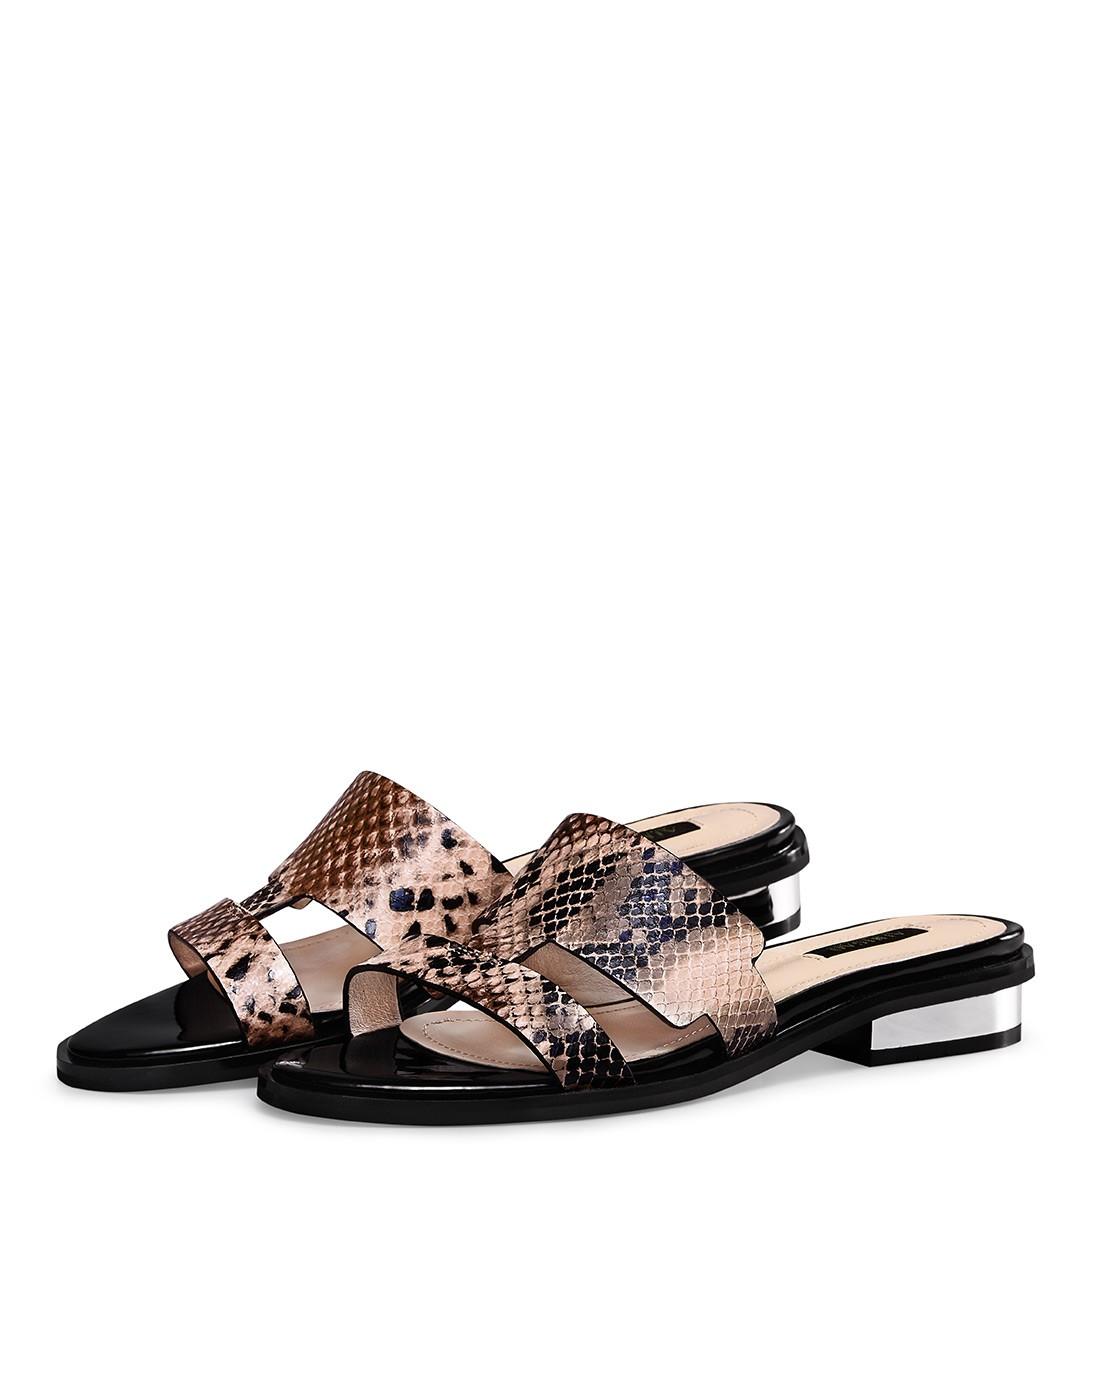 2015新品粉色蛇纹羊皮拖鞋